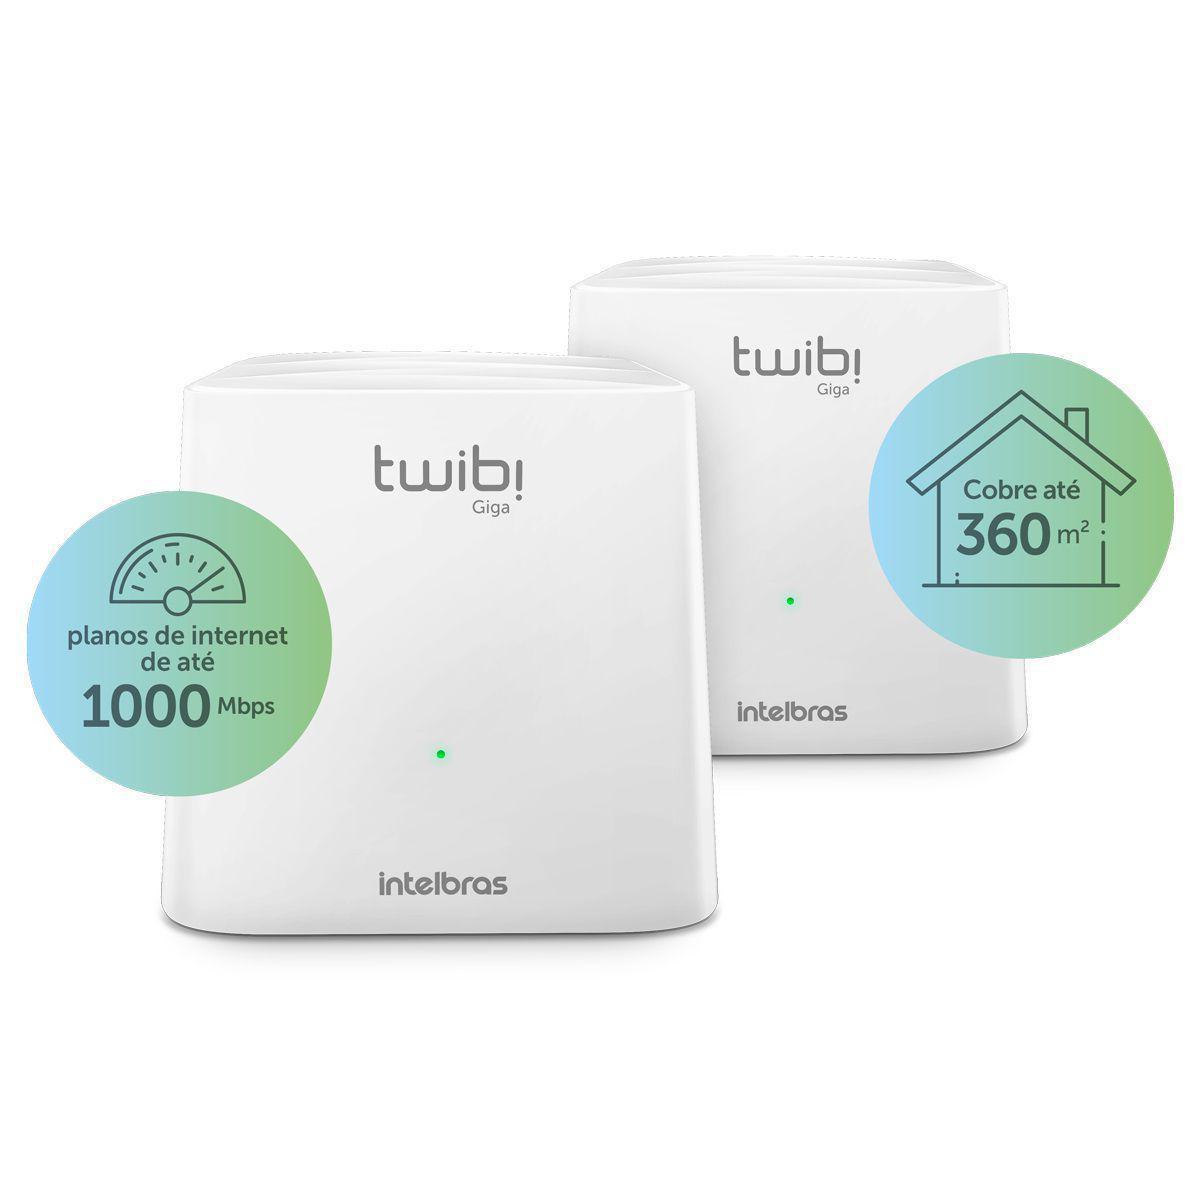 Kit Roteador Wireless Intelbras Twibi Giga Wi-Fi 5 Mesh AC 1200